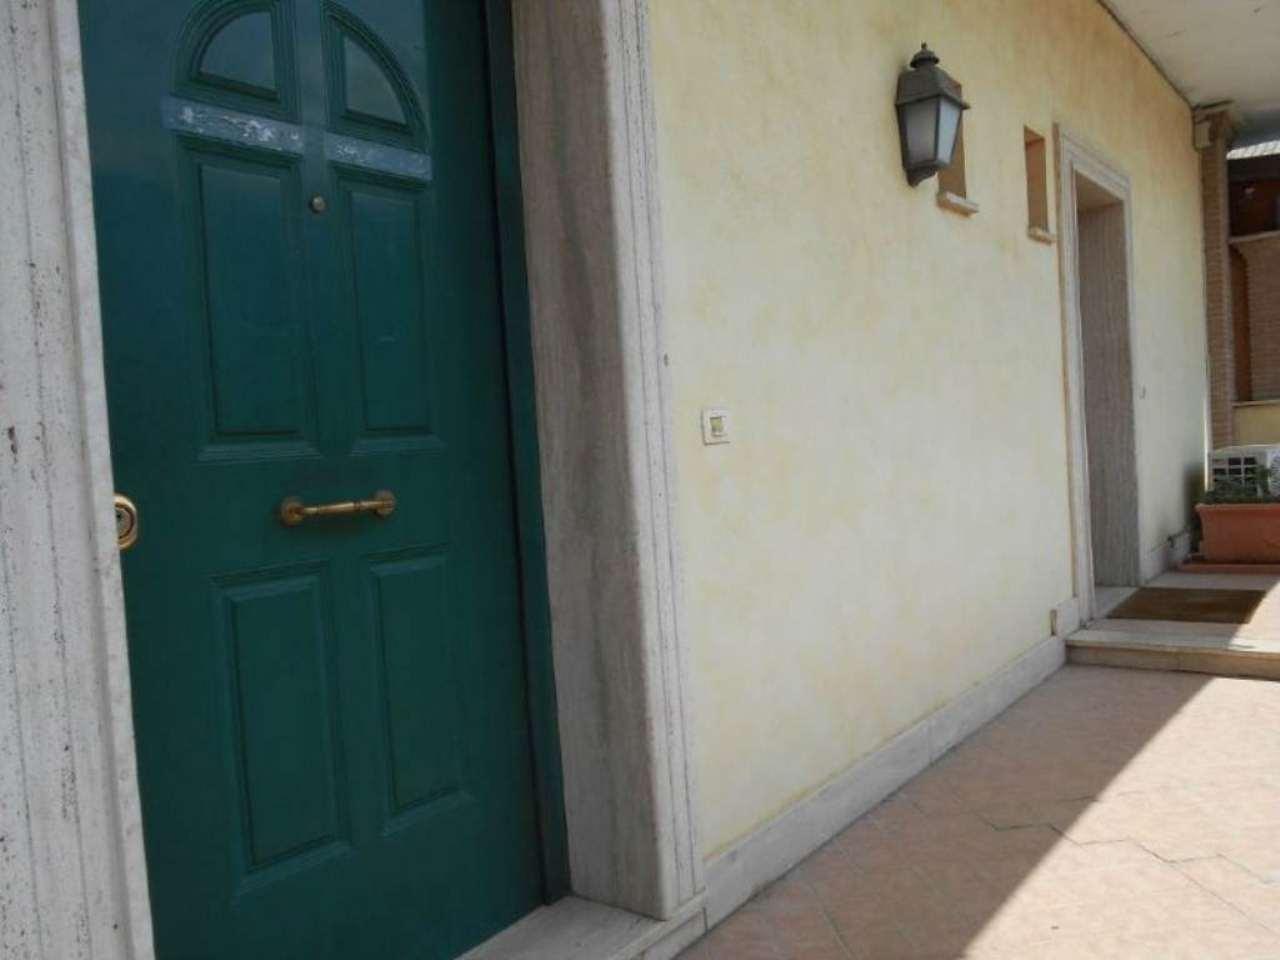 Ufficio / Studio in affitto a San Cesareo, 7 locali, prezzo € 1.200 | Cambio Casa.it